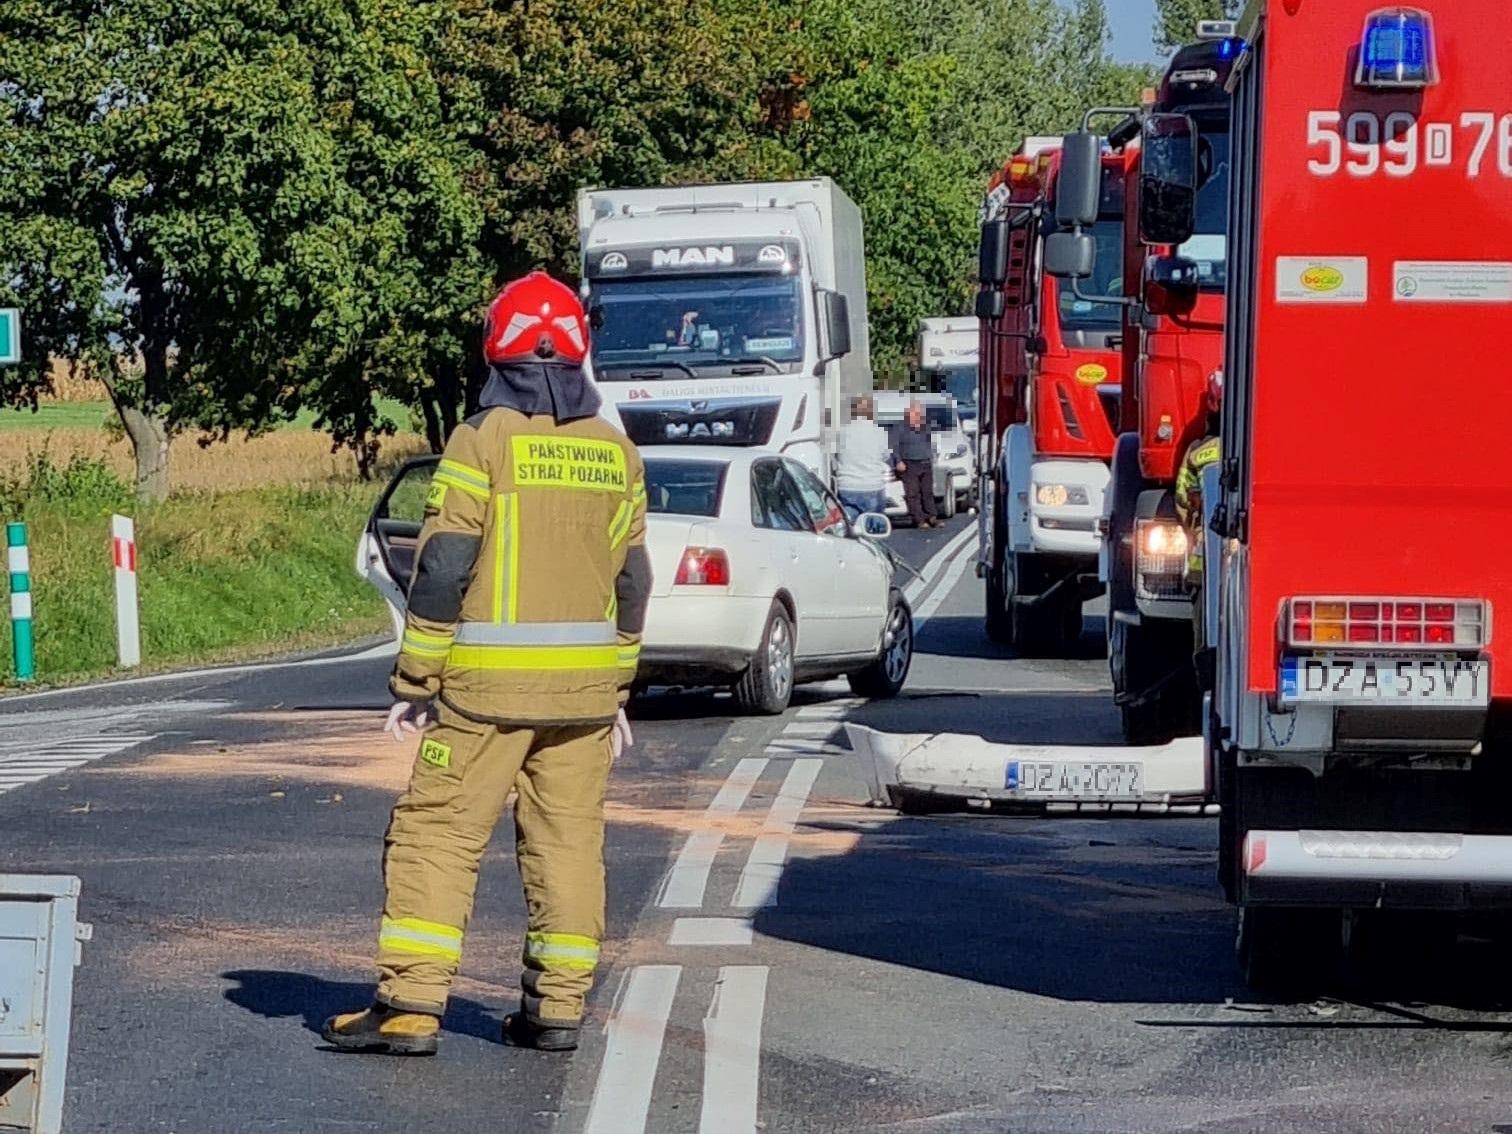 Powiat Ząbkowicki: Wypadek na krajowej ósemce - są poszkodowani - Zdjęcie główne